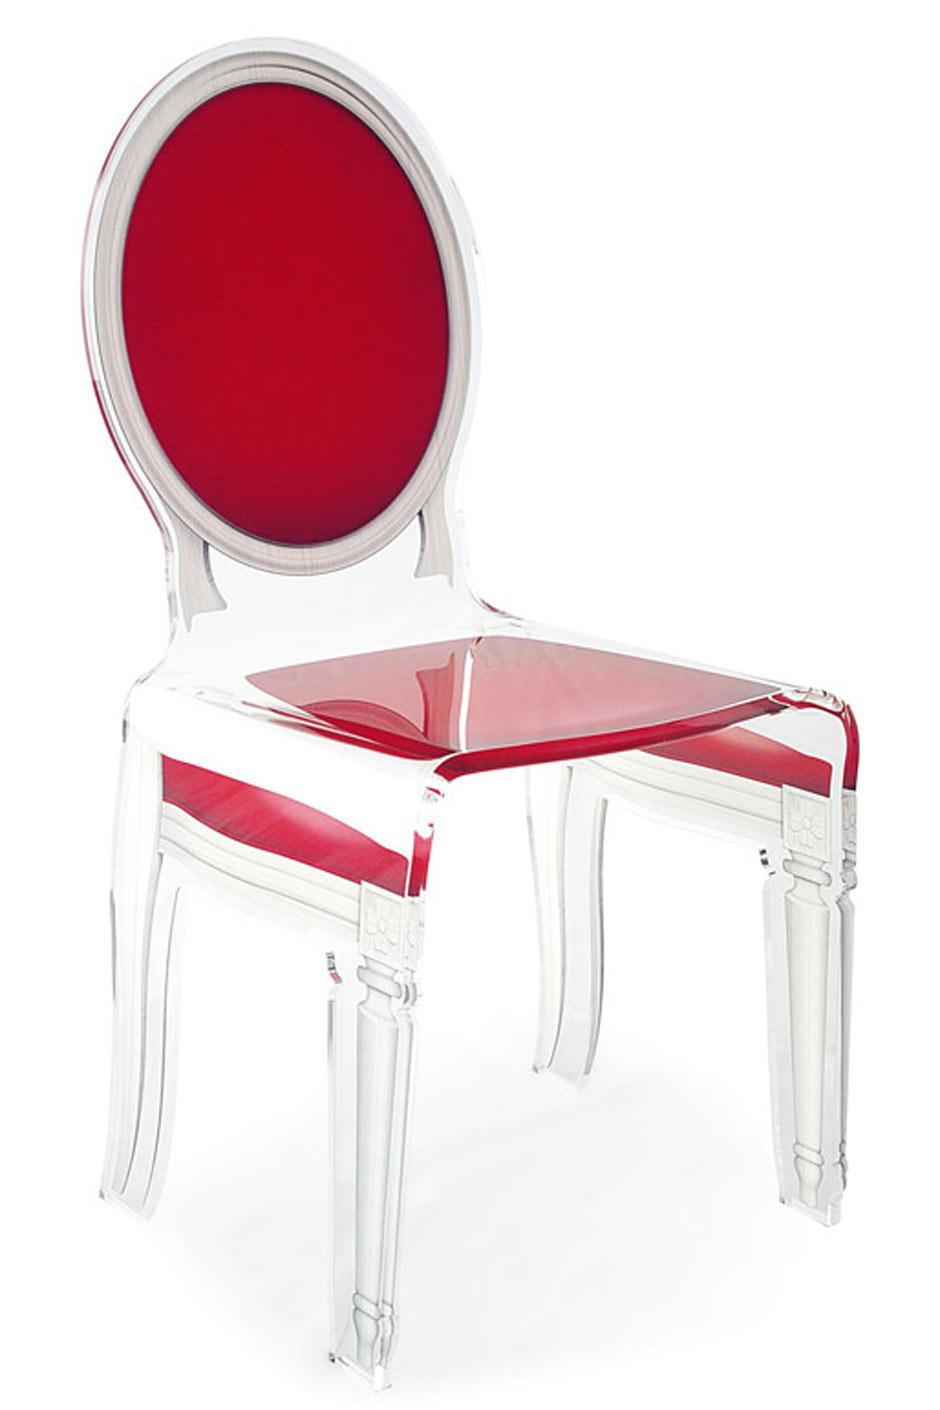 chaise baroque altuglas transparent sixteen motif rouge acrila sp cialiste du plexiglas r f. Black Bedroom Furniture Sets. Home Design Ideas